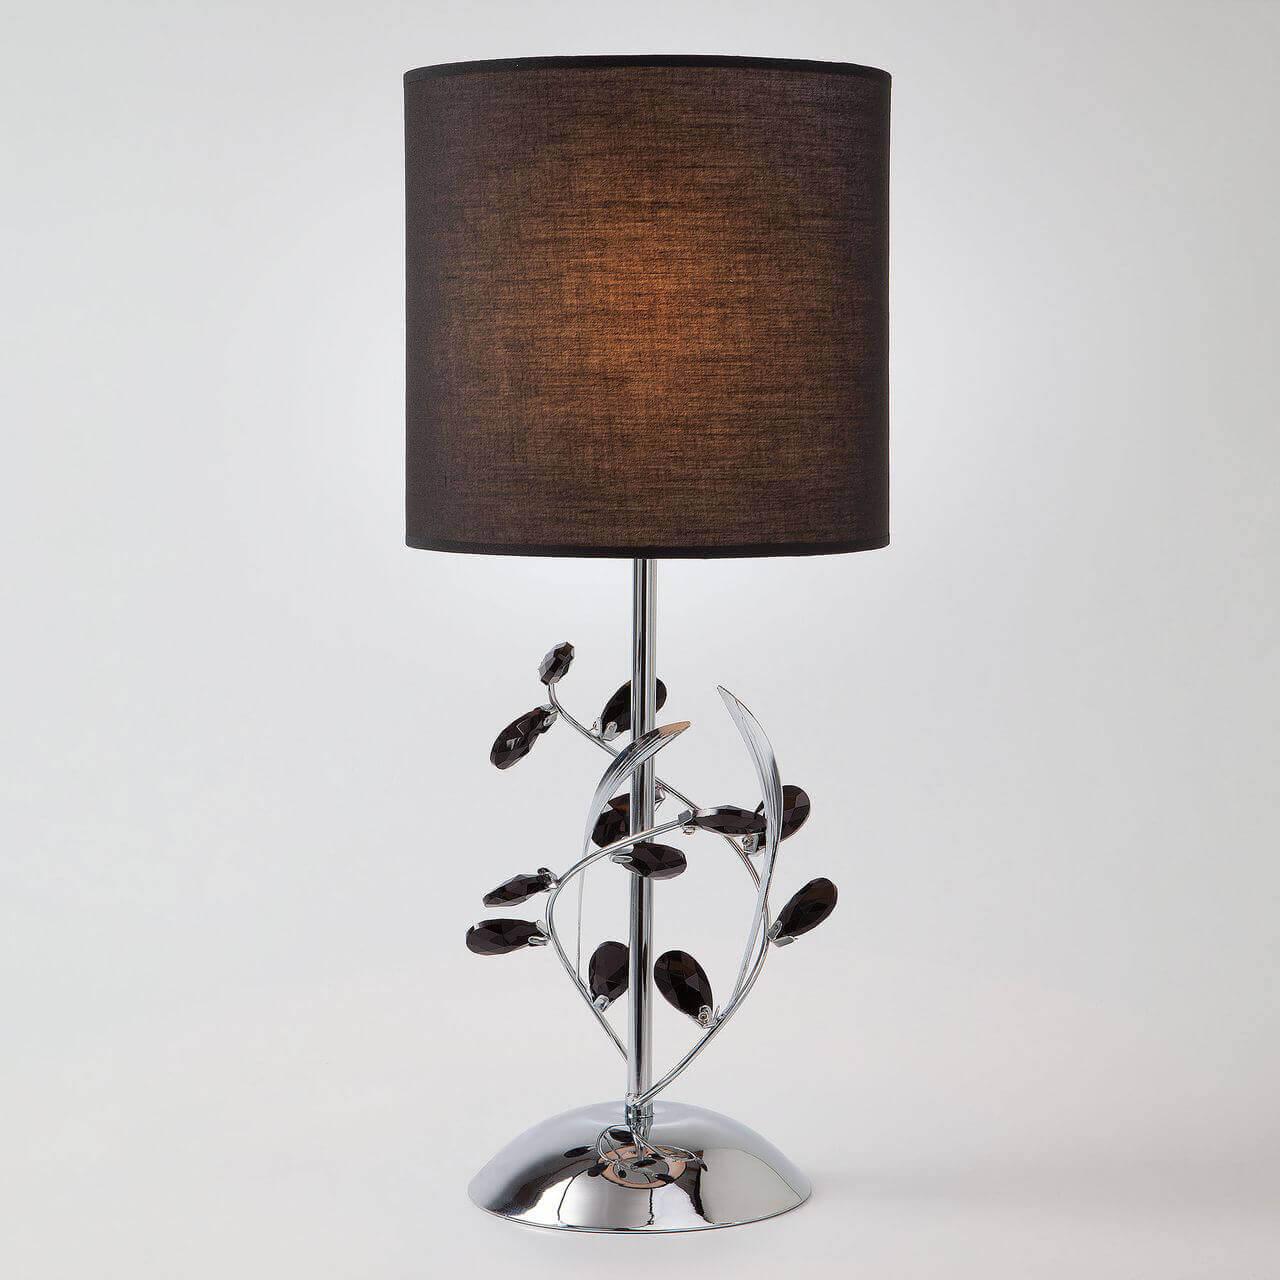 Настольная лампа Eurosvet Florian 01017/1 хром торшер eurosvet florian 01016 1 хром